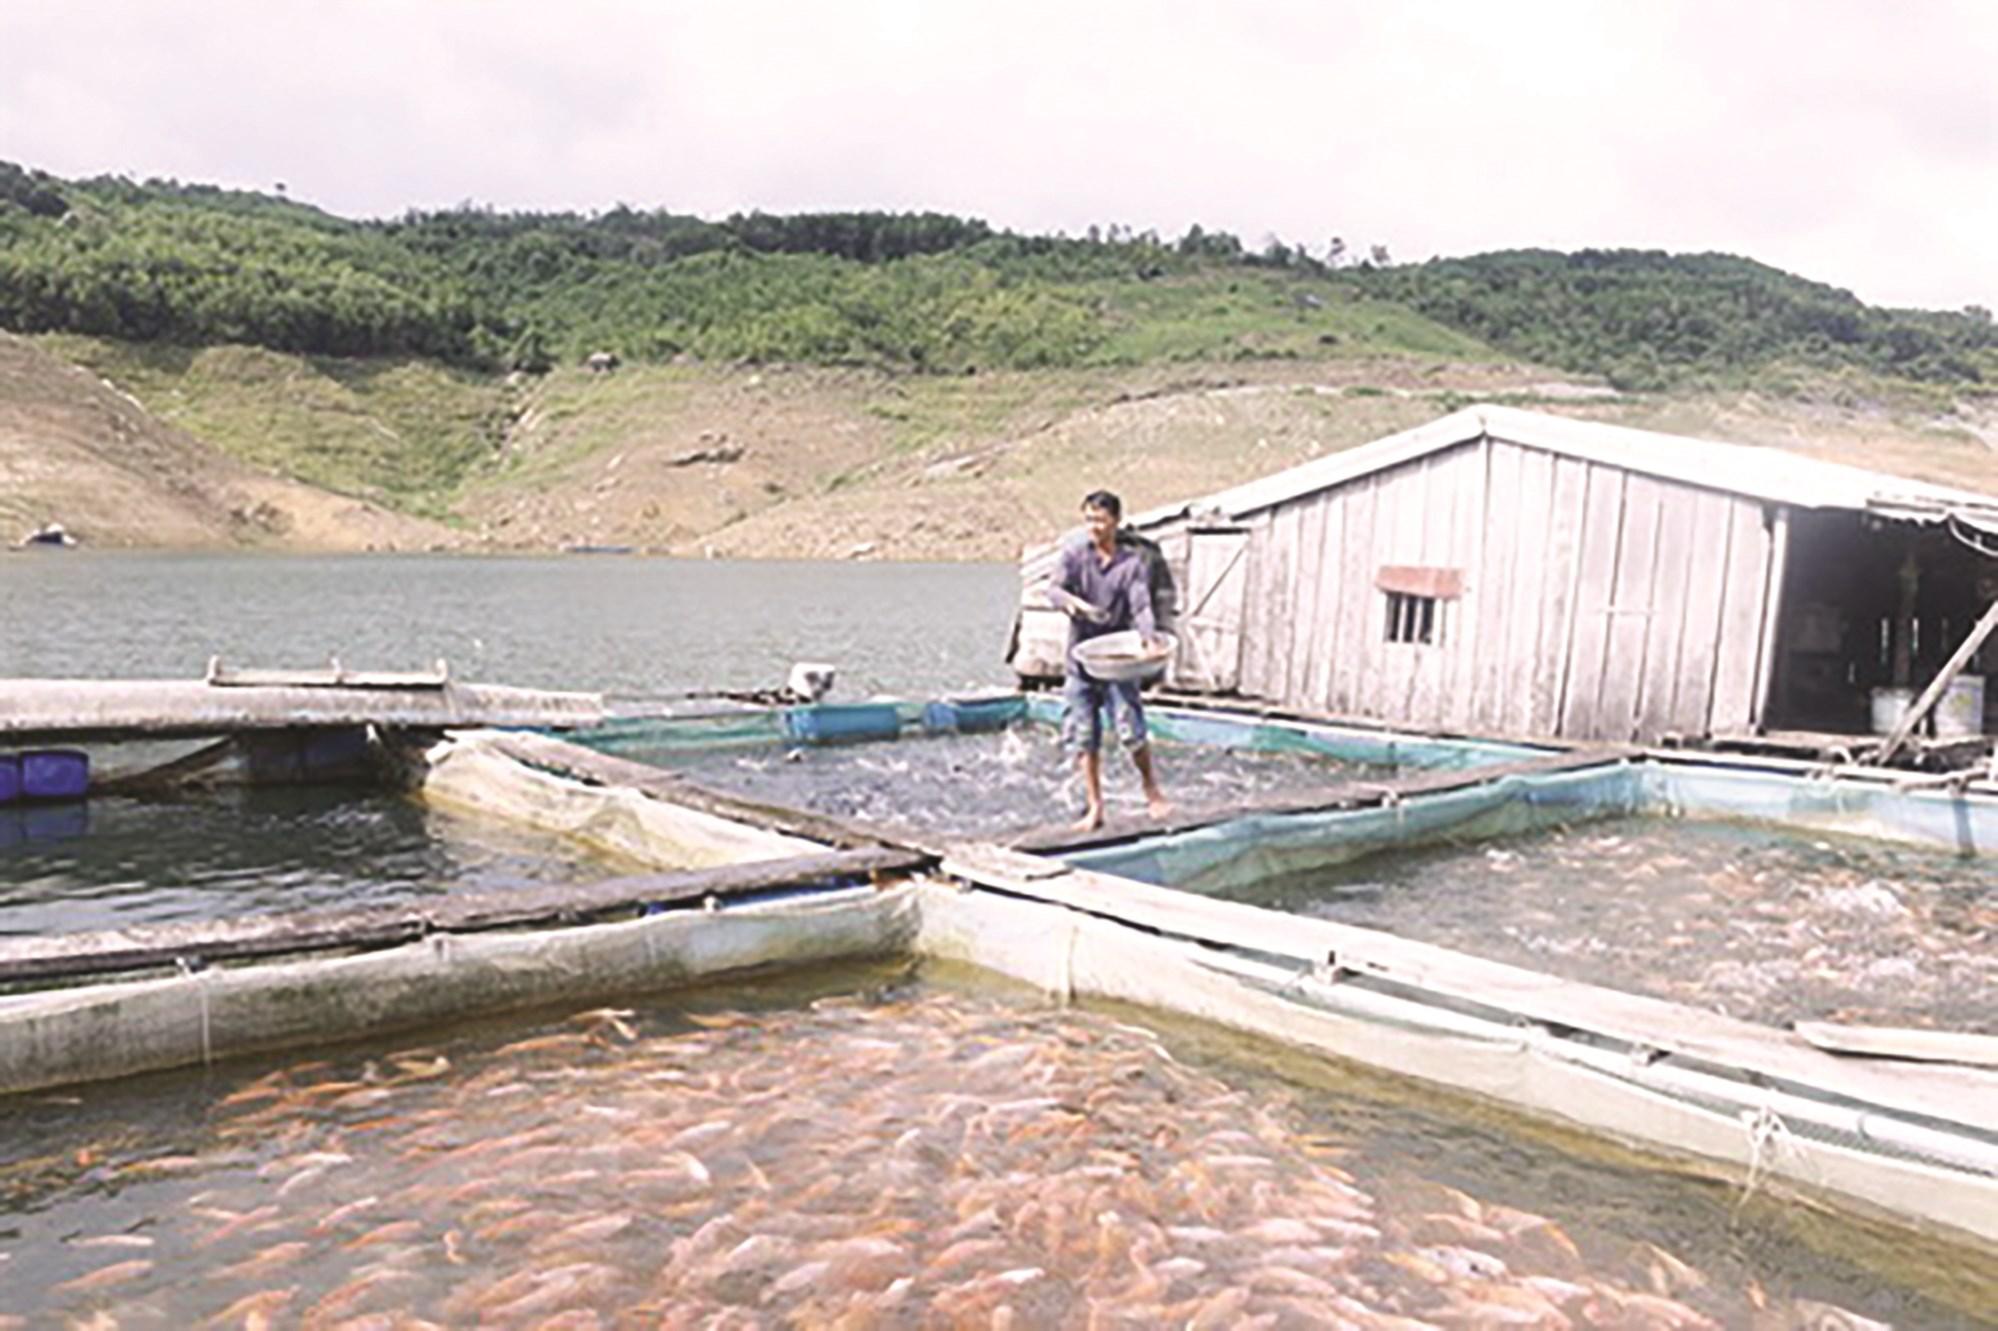 Mô hình nuôi cá lồng của anh Vừ A So có lợi nhuận lên đến 100 triệu đồng mỗi năm.